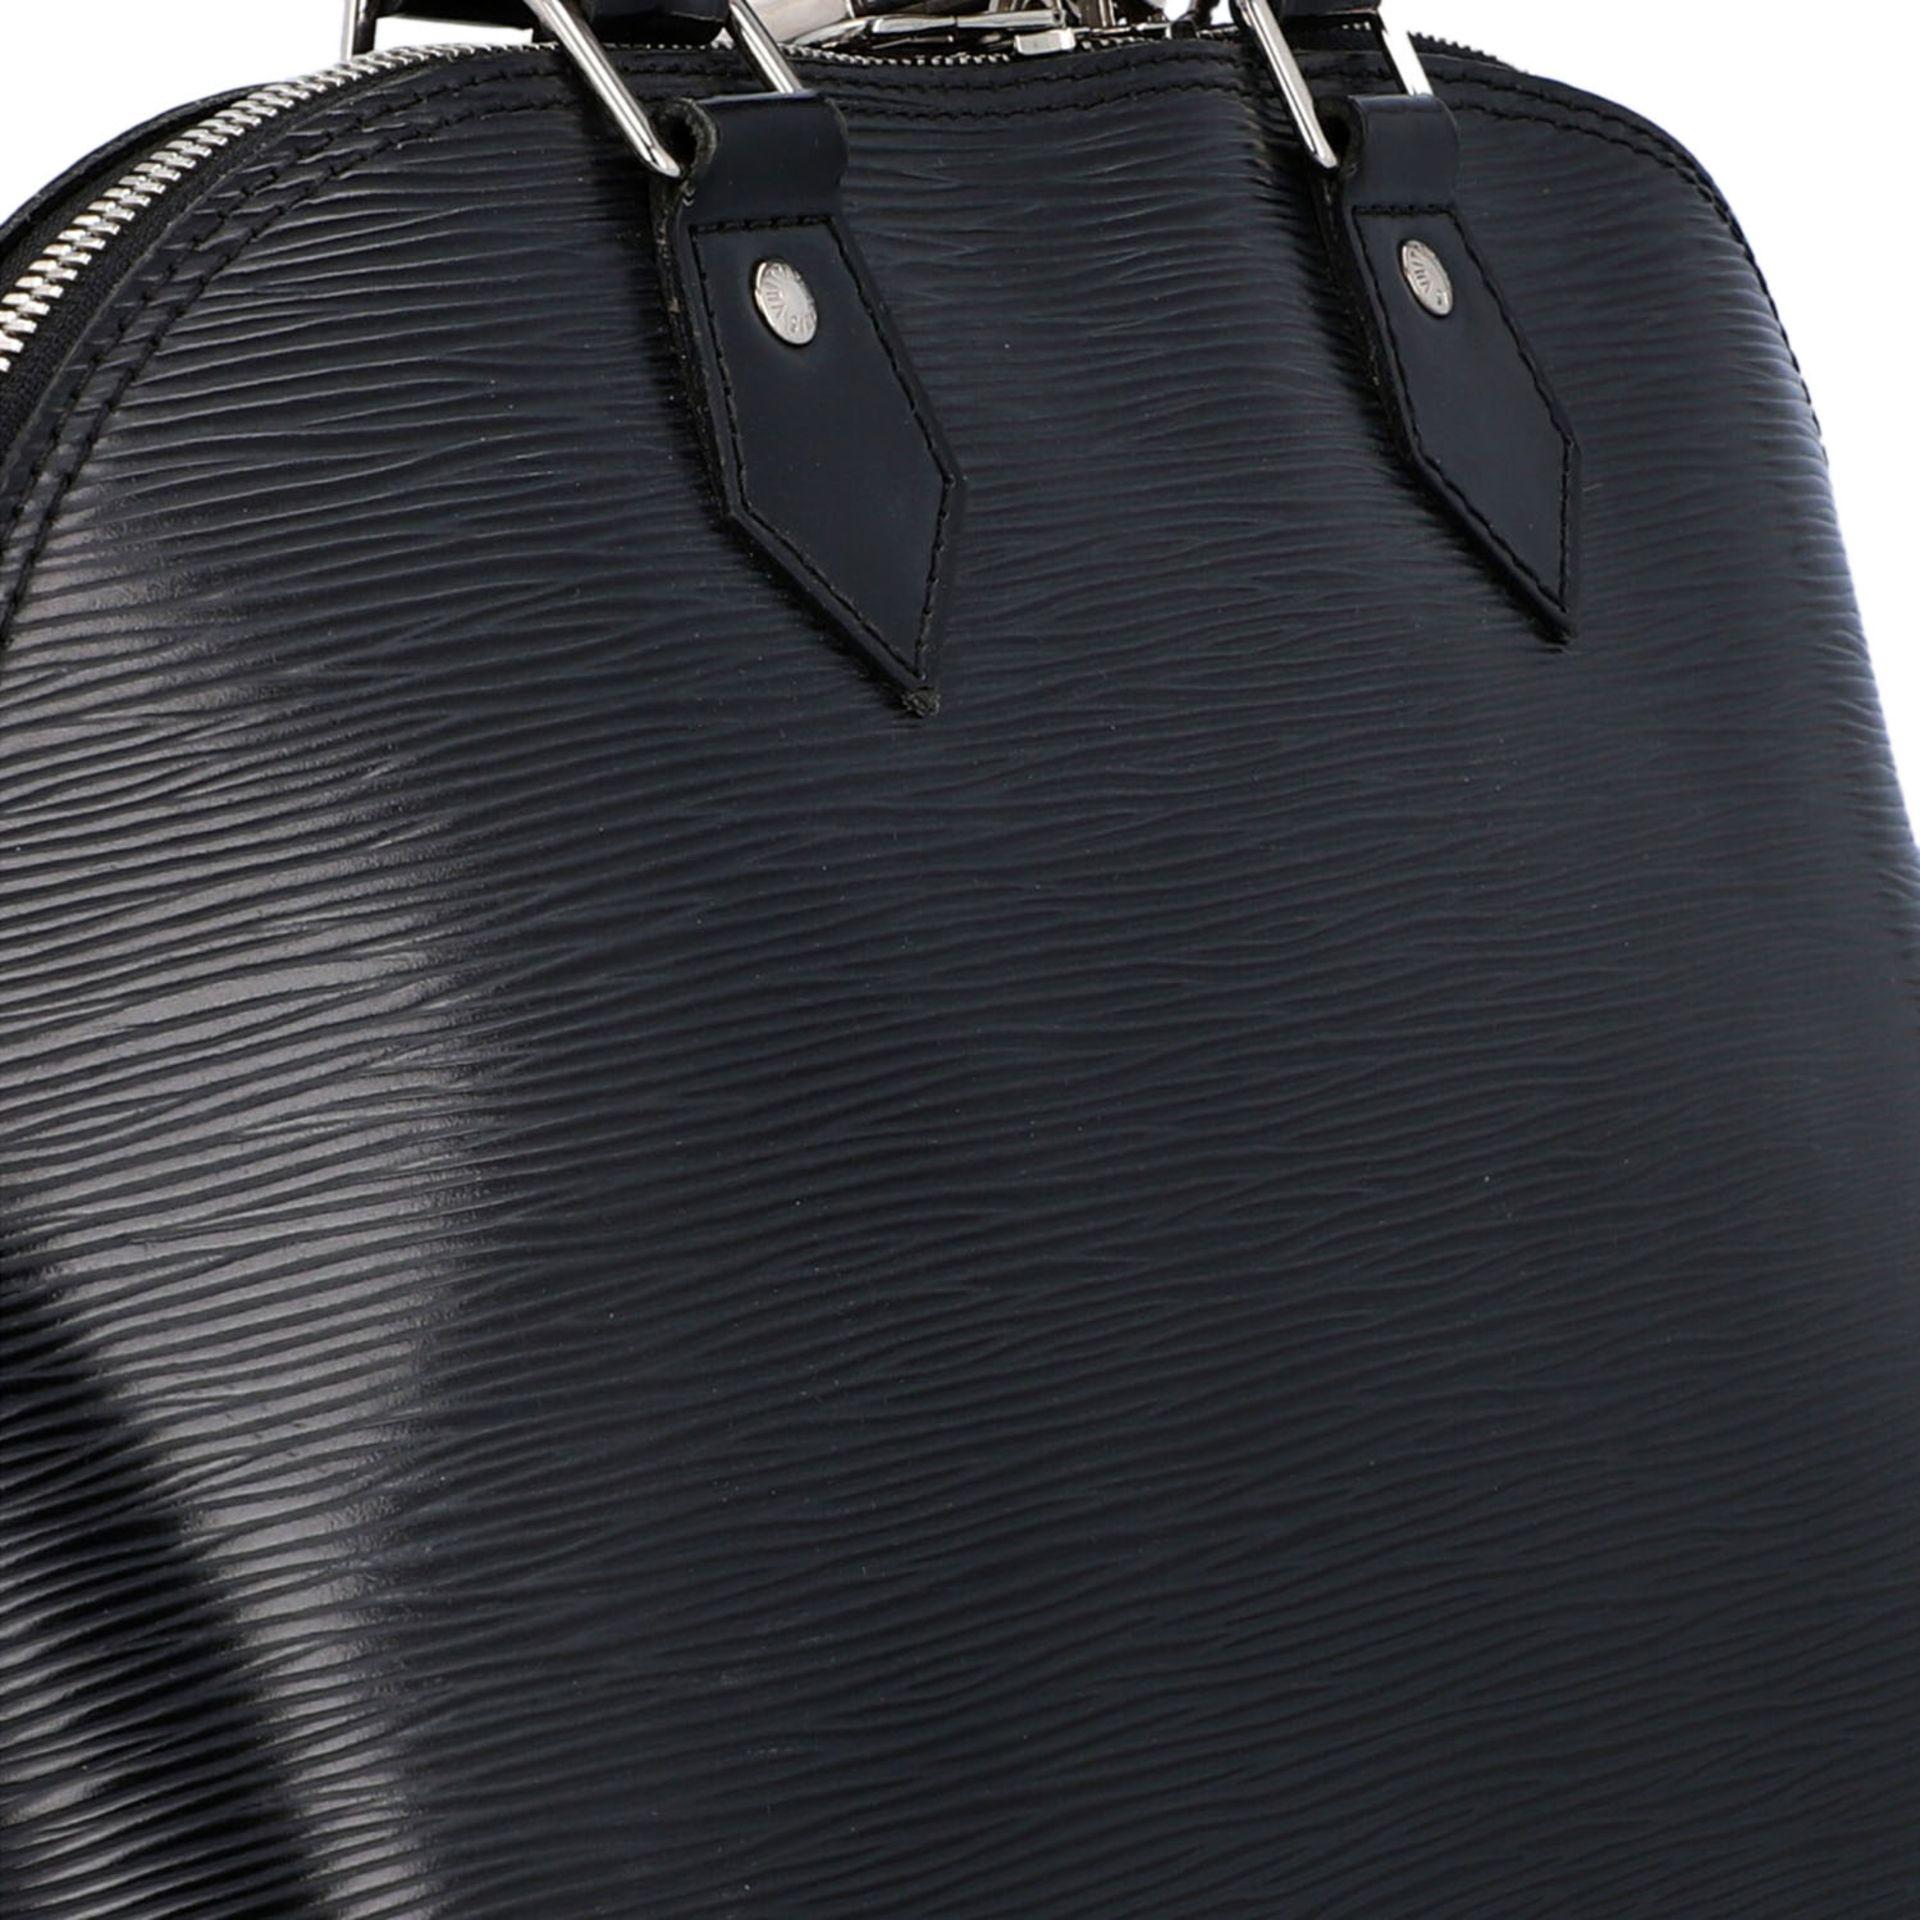 """LOUIS VUITTON Handtasche """"ALMA PM"""", Koll. 2011.Akt. NP.: 1.680,-€. Epi Leder Serie in Schwarz mit - Bild 8 aus 8"""